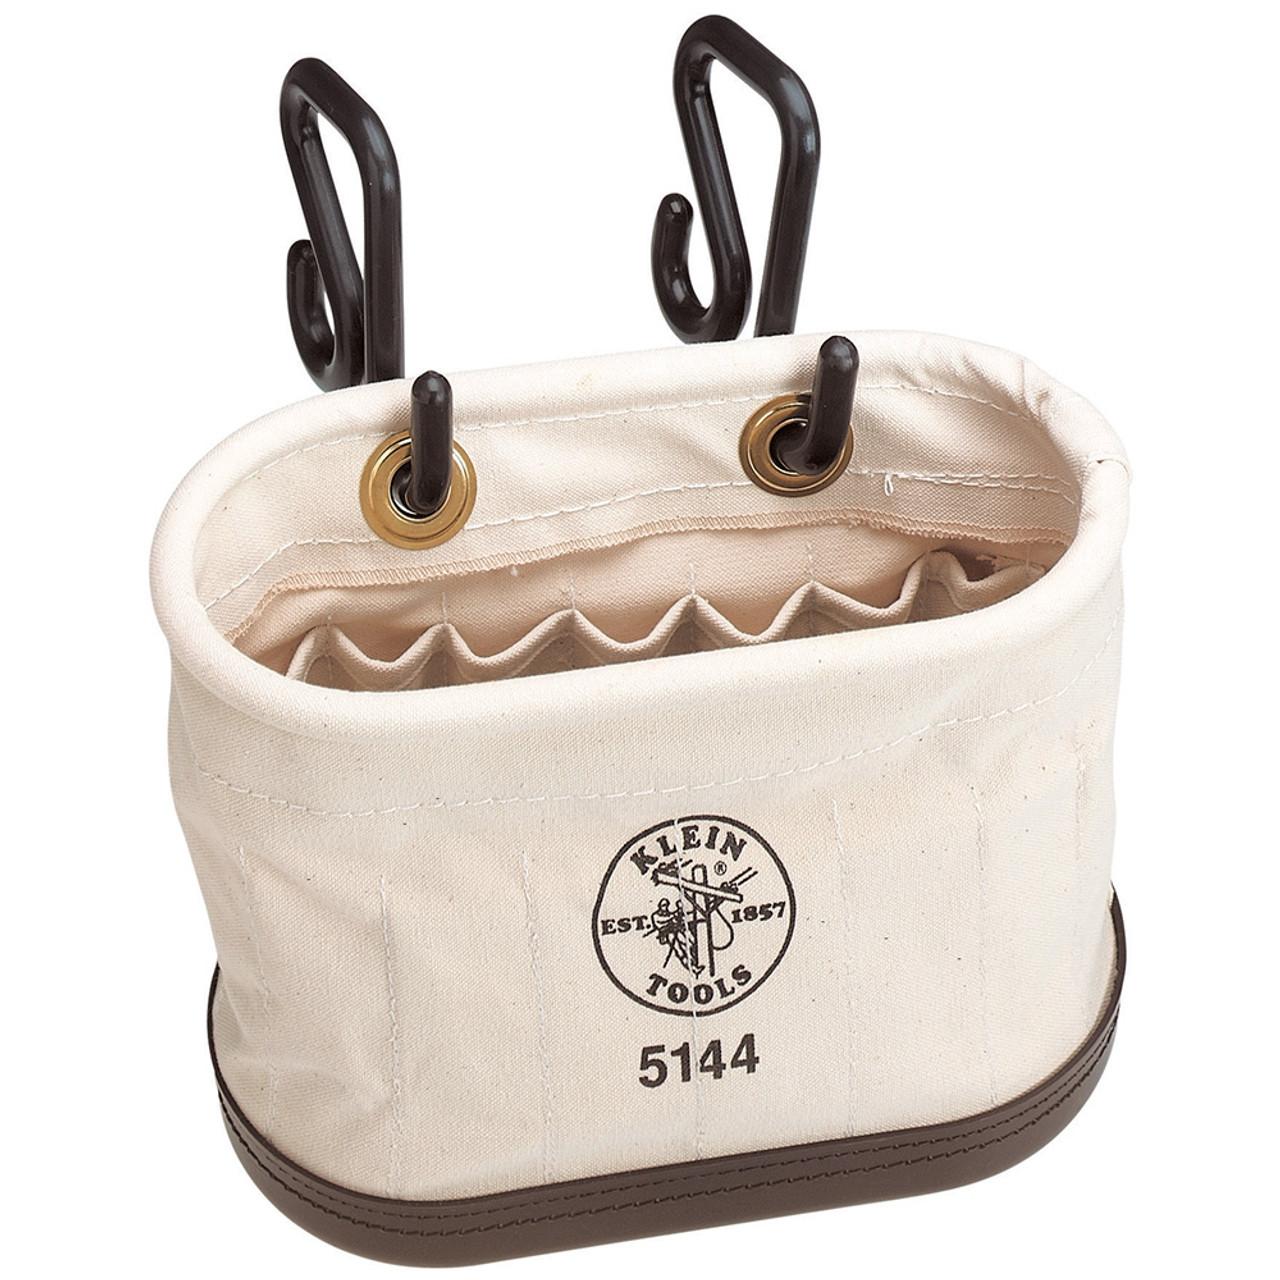 Klein 5144  Aerial-Basket Oval Bucket - 15 Pockets